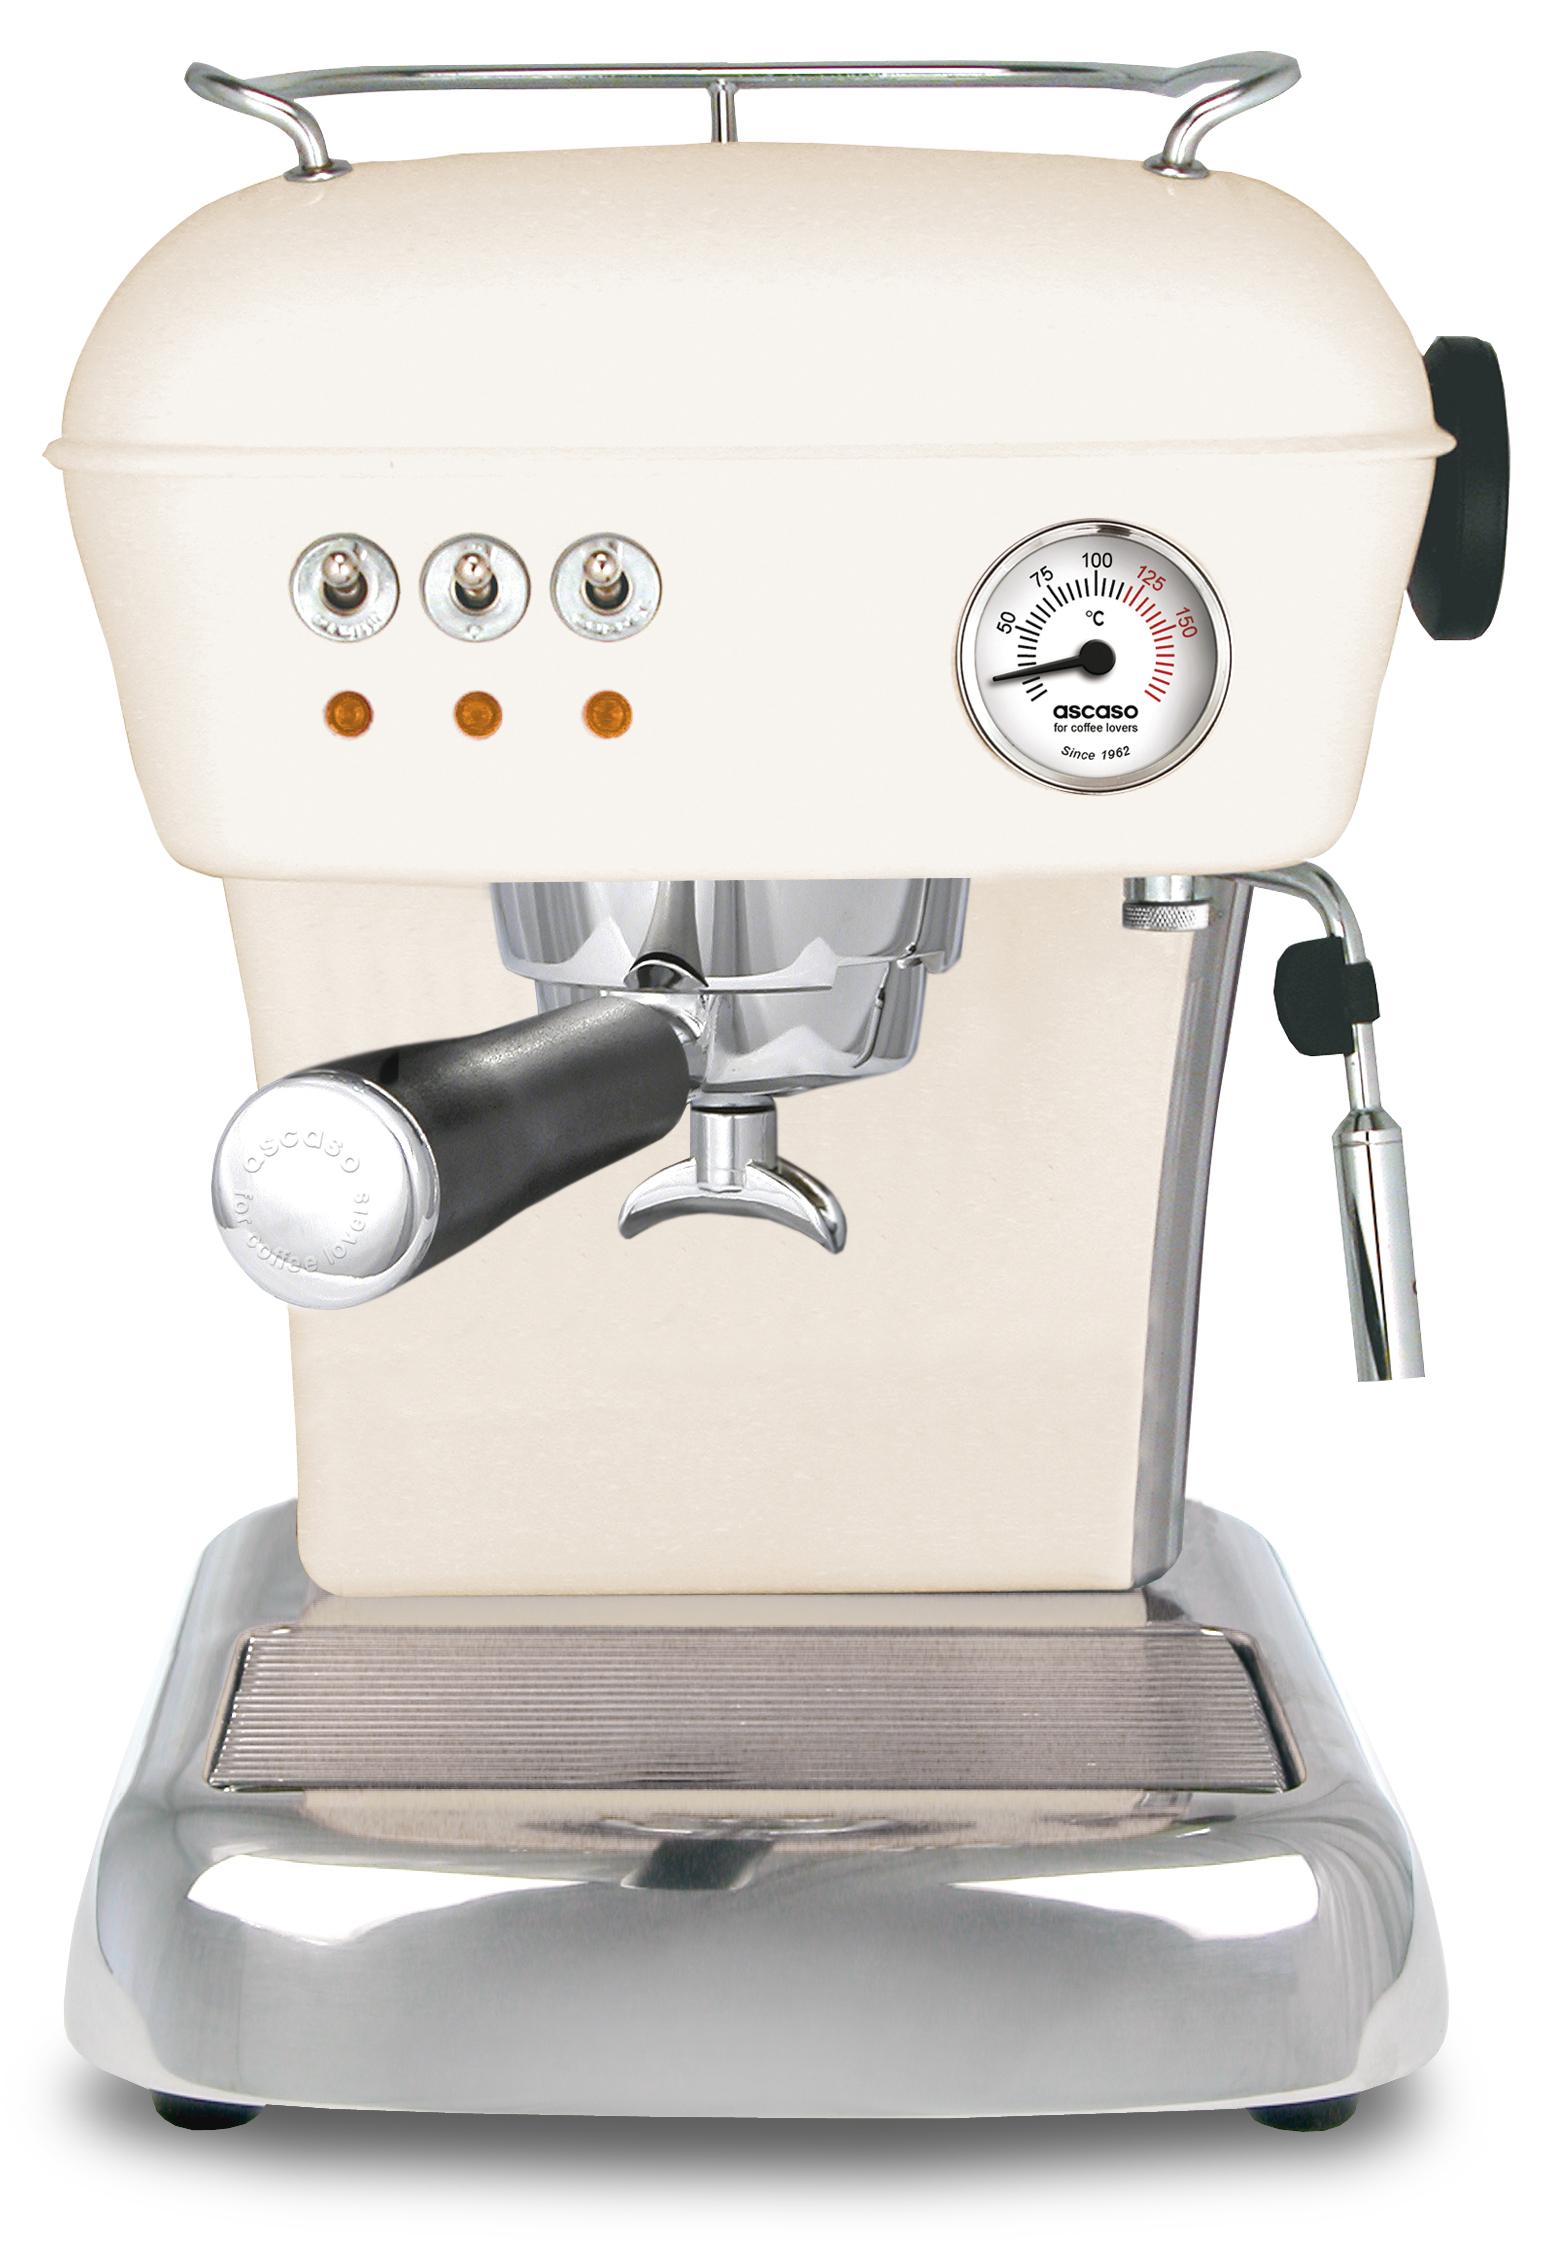 Ascaso DREAM Espressomaskin Cream